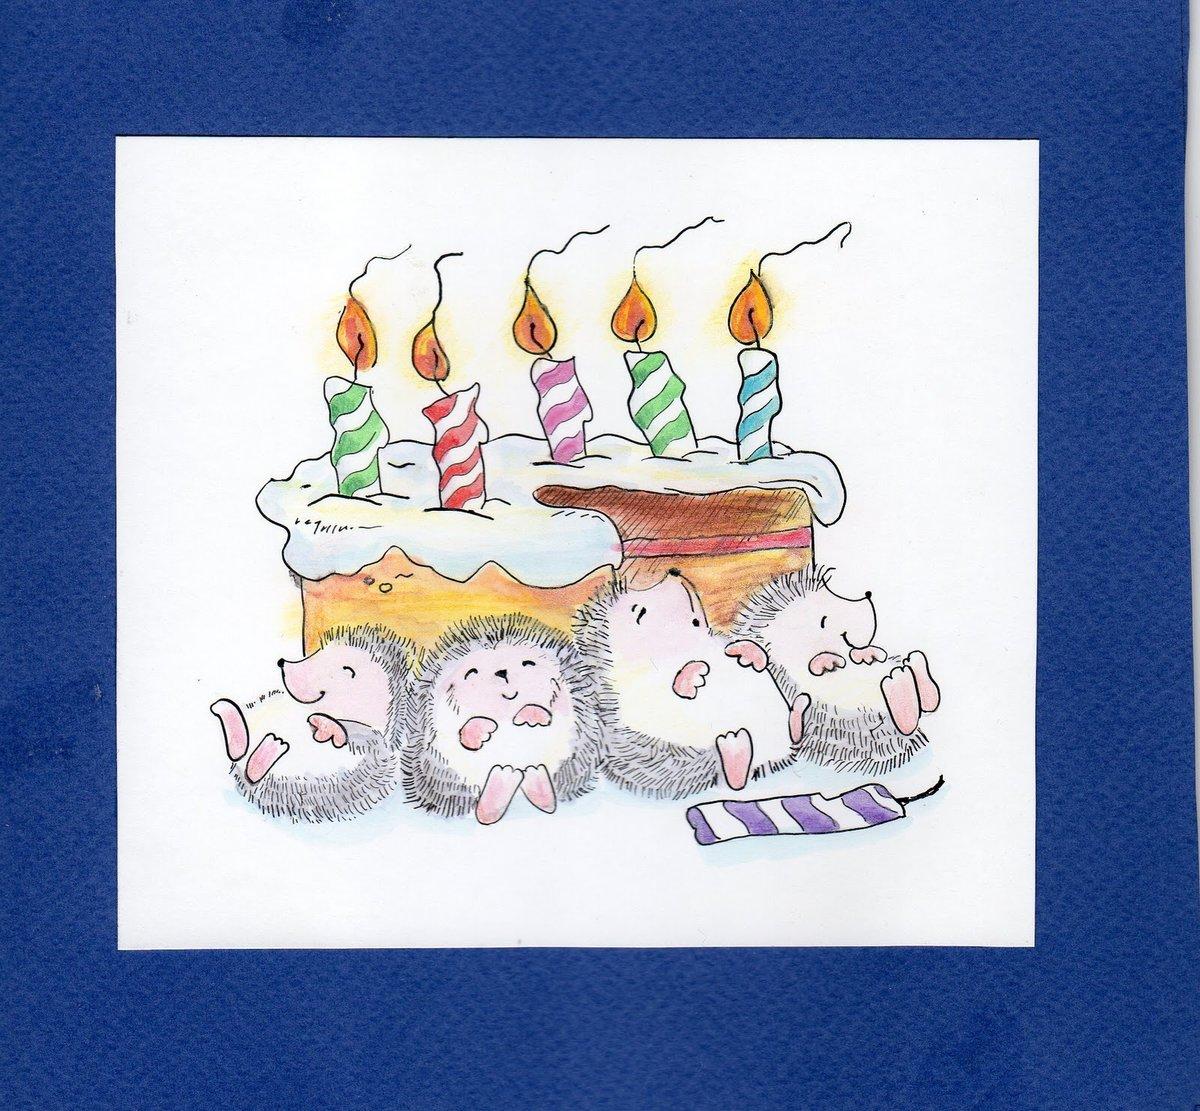 рисунок на открытках с днем рождения своими руками